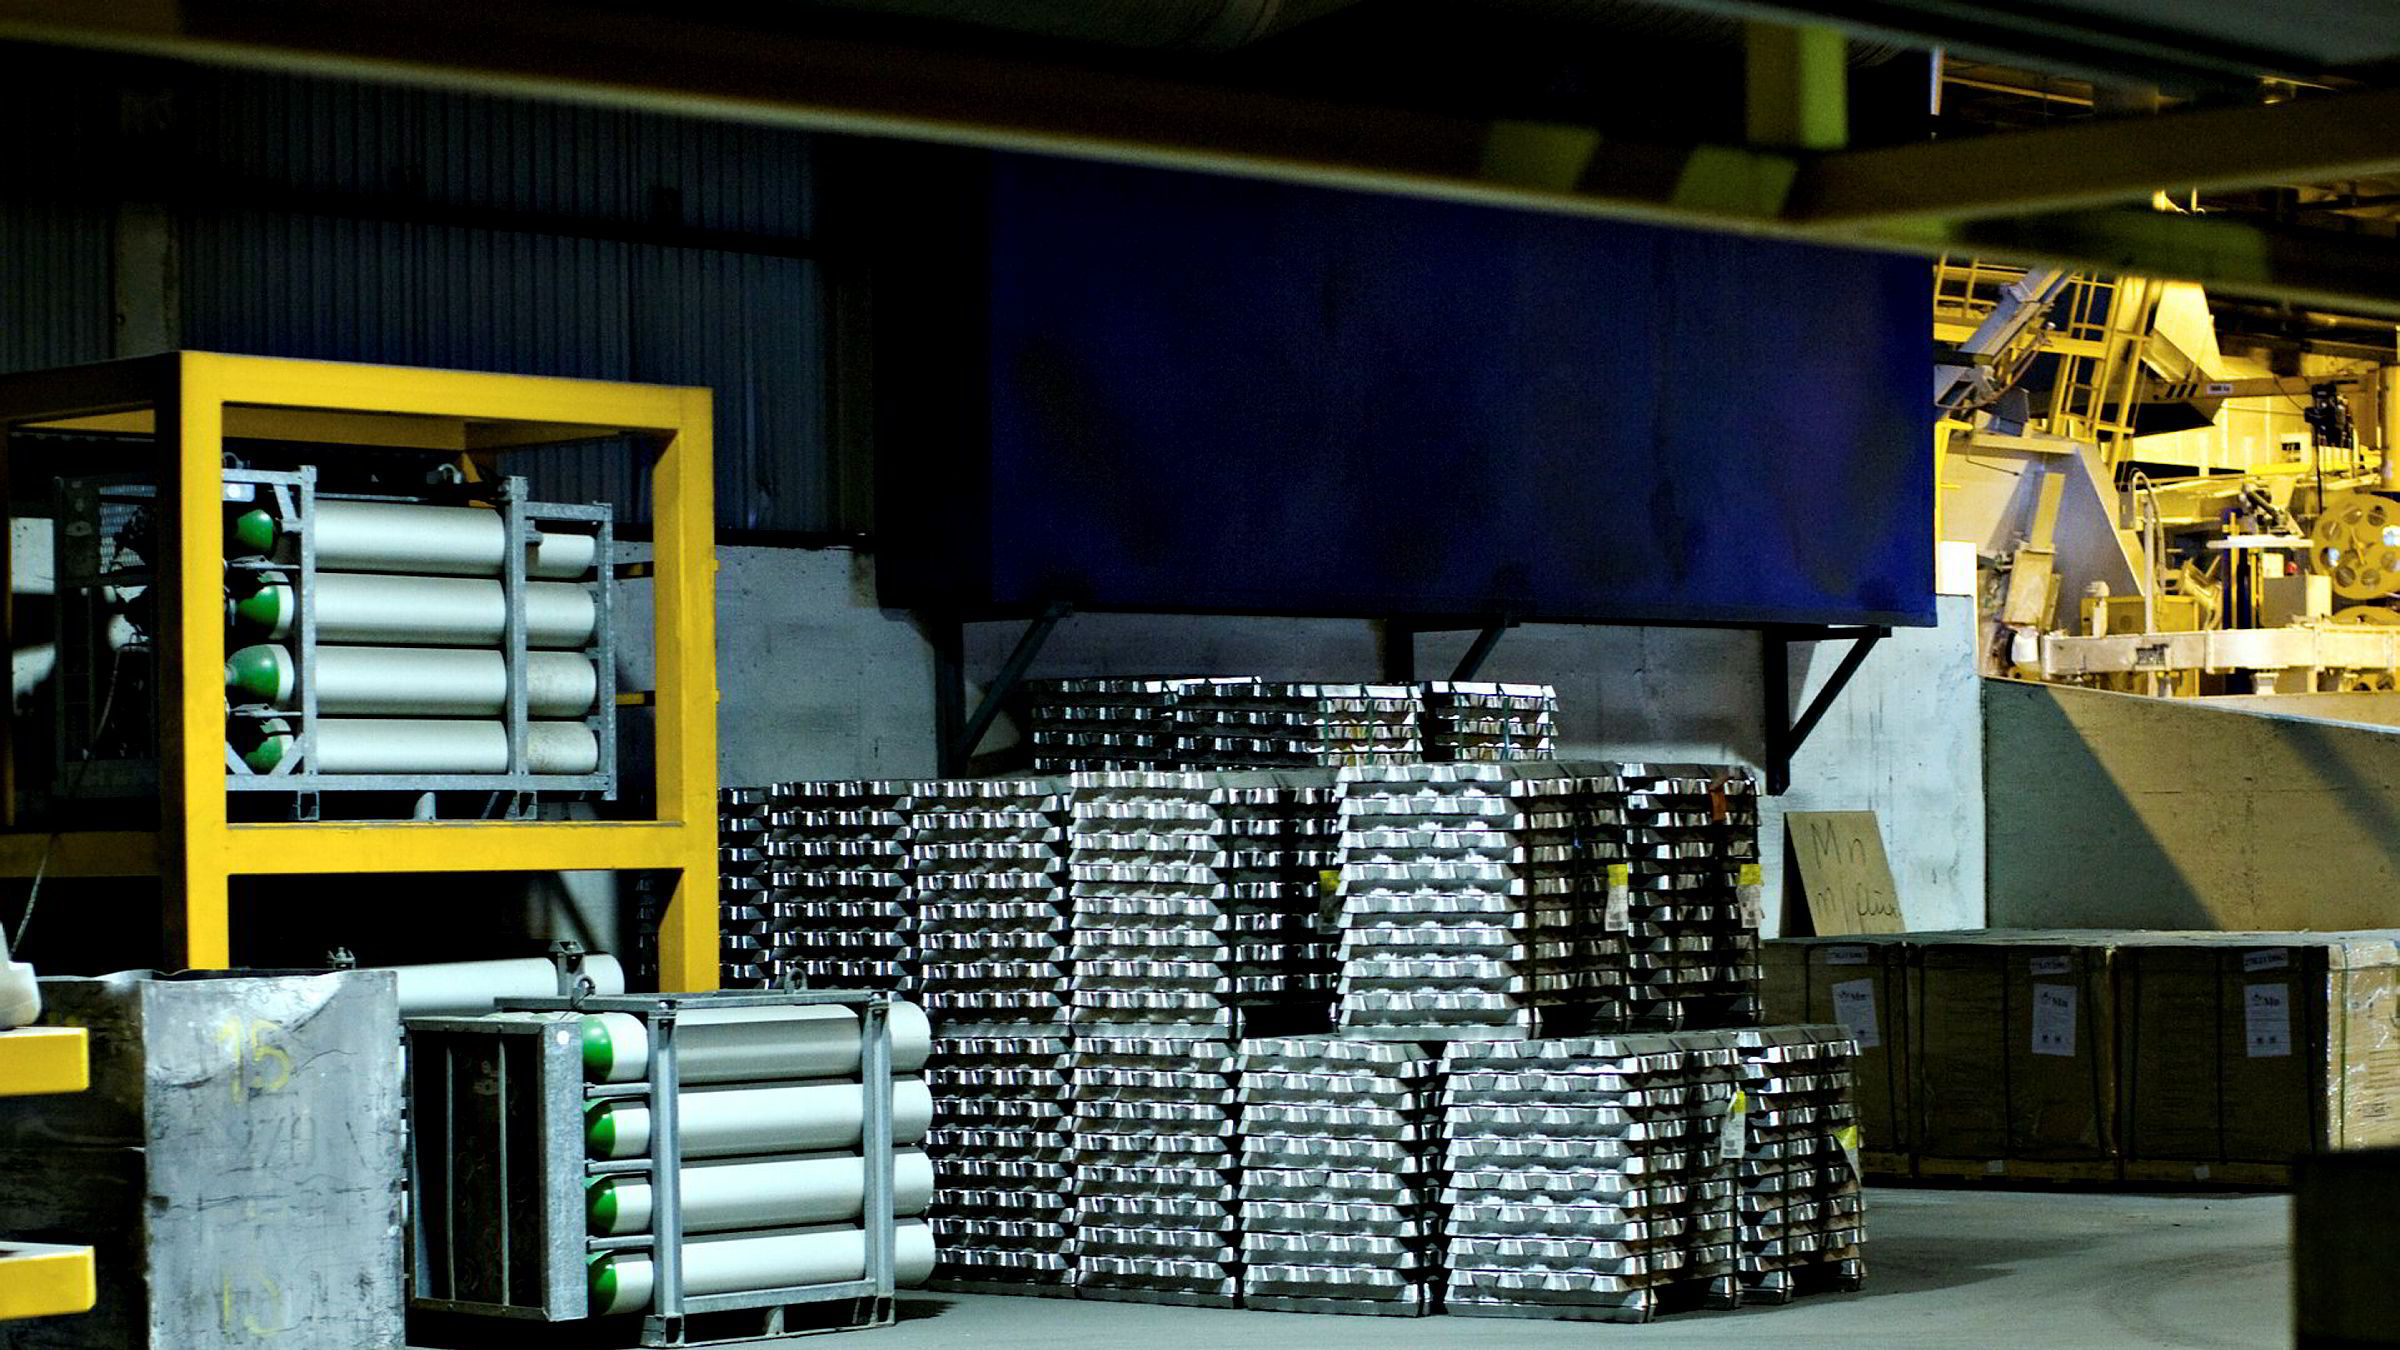 Fremover må norsk eksport utenom olje og gass vokse raskere for å kompensere for fallet i fremtidige oljeinntekter, skriver Otto Søberg og Ivar Slengesol i innlegget. Her er aluminium produsert av Hydro på Sunndalsøra på Nordmøre.